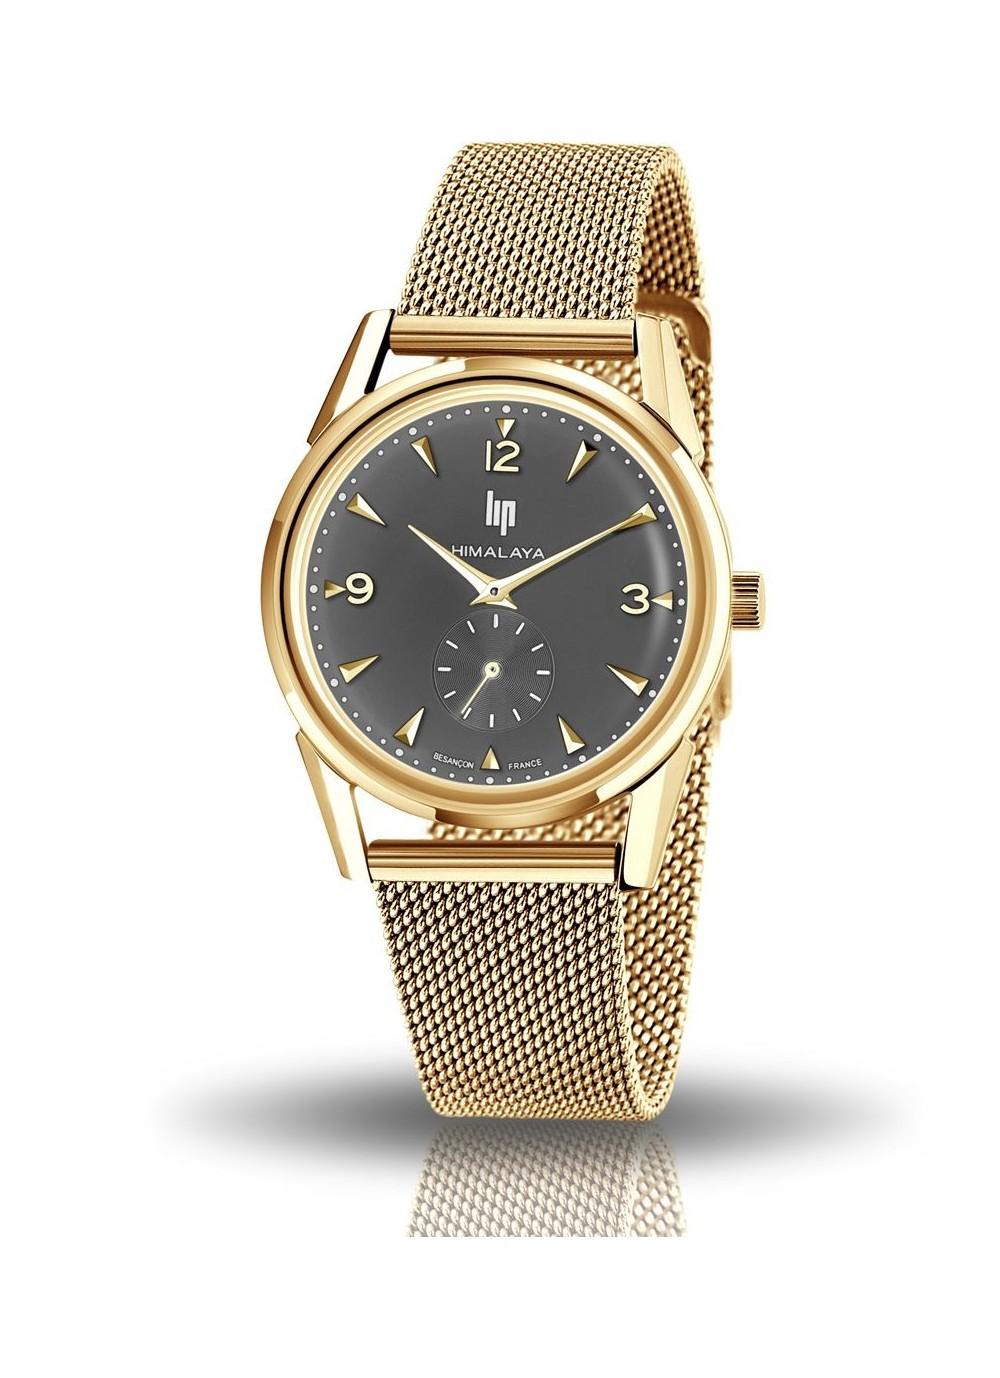 montre Lip, Himalaya 35 mm, quartz, cadran anthracite, aiguilles dorées, bracelet milanais doré, 671650